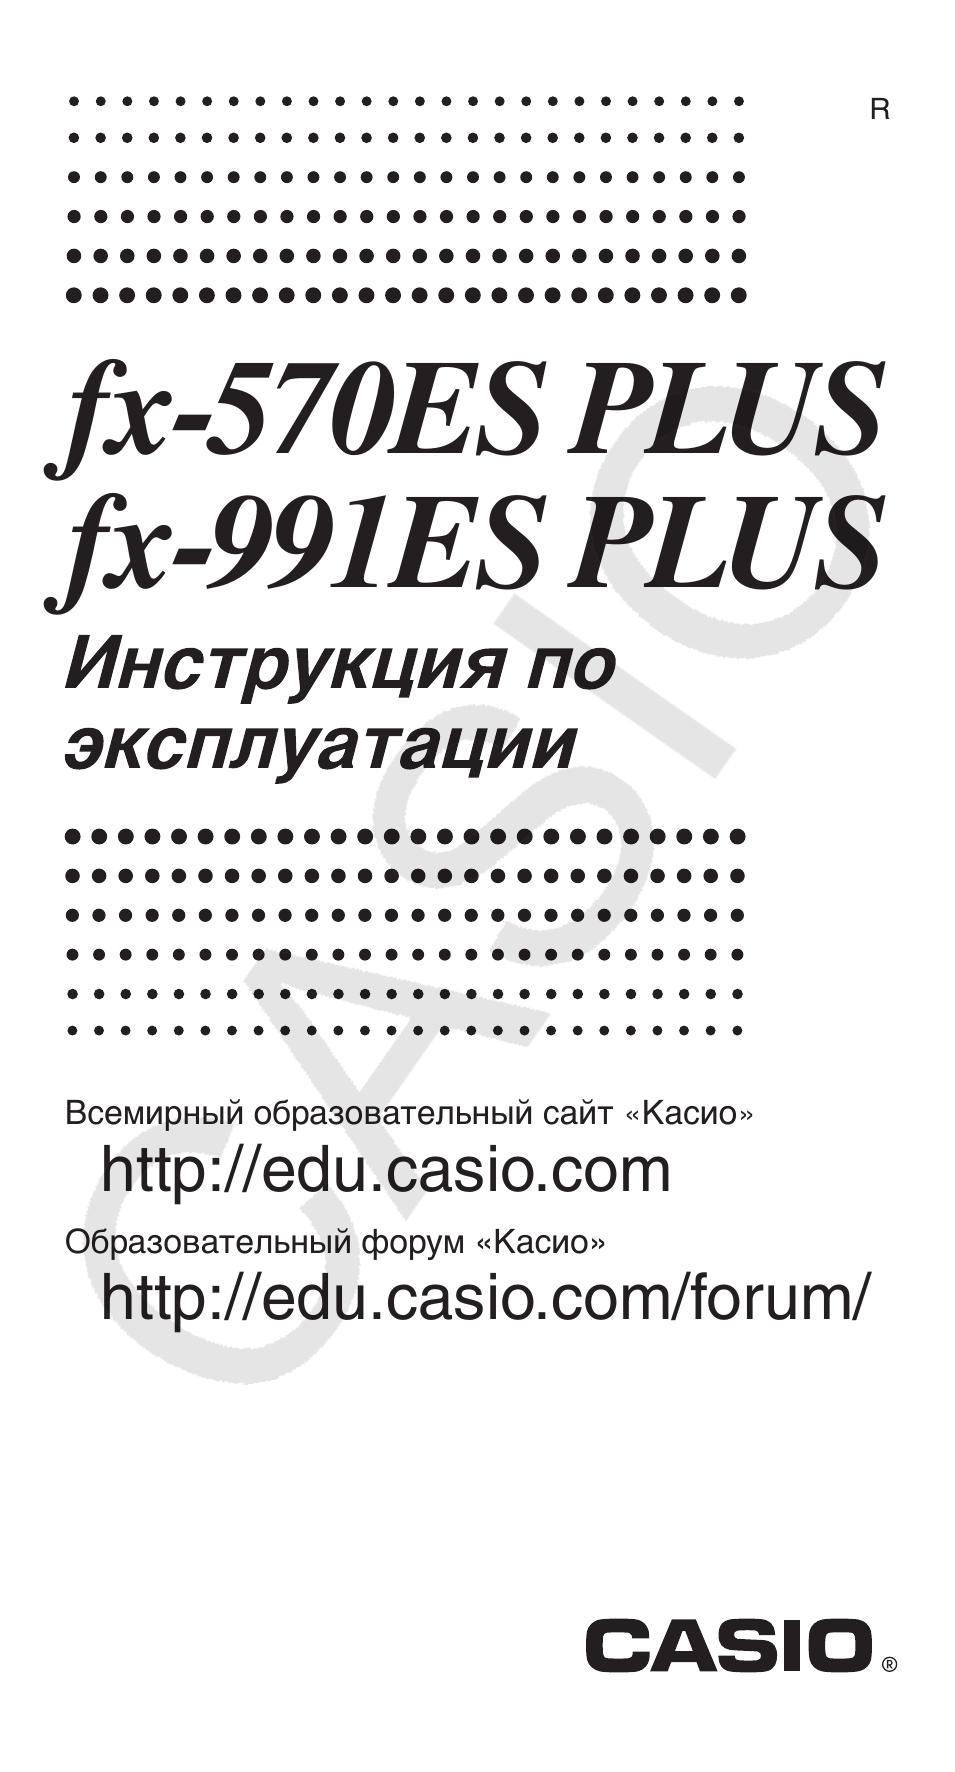 ES PLUS Всемирный образовательный сайт.